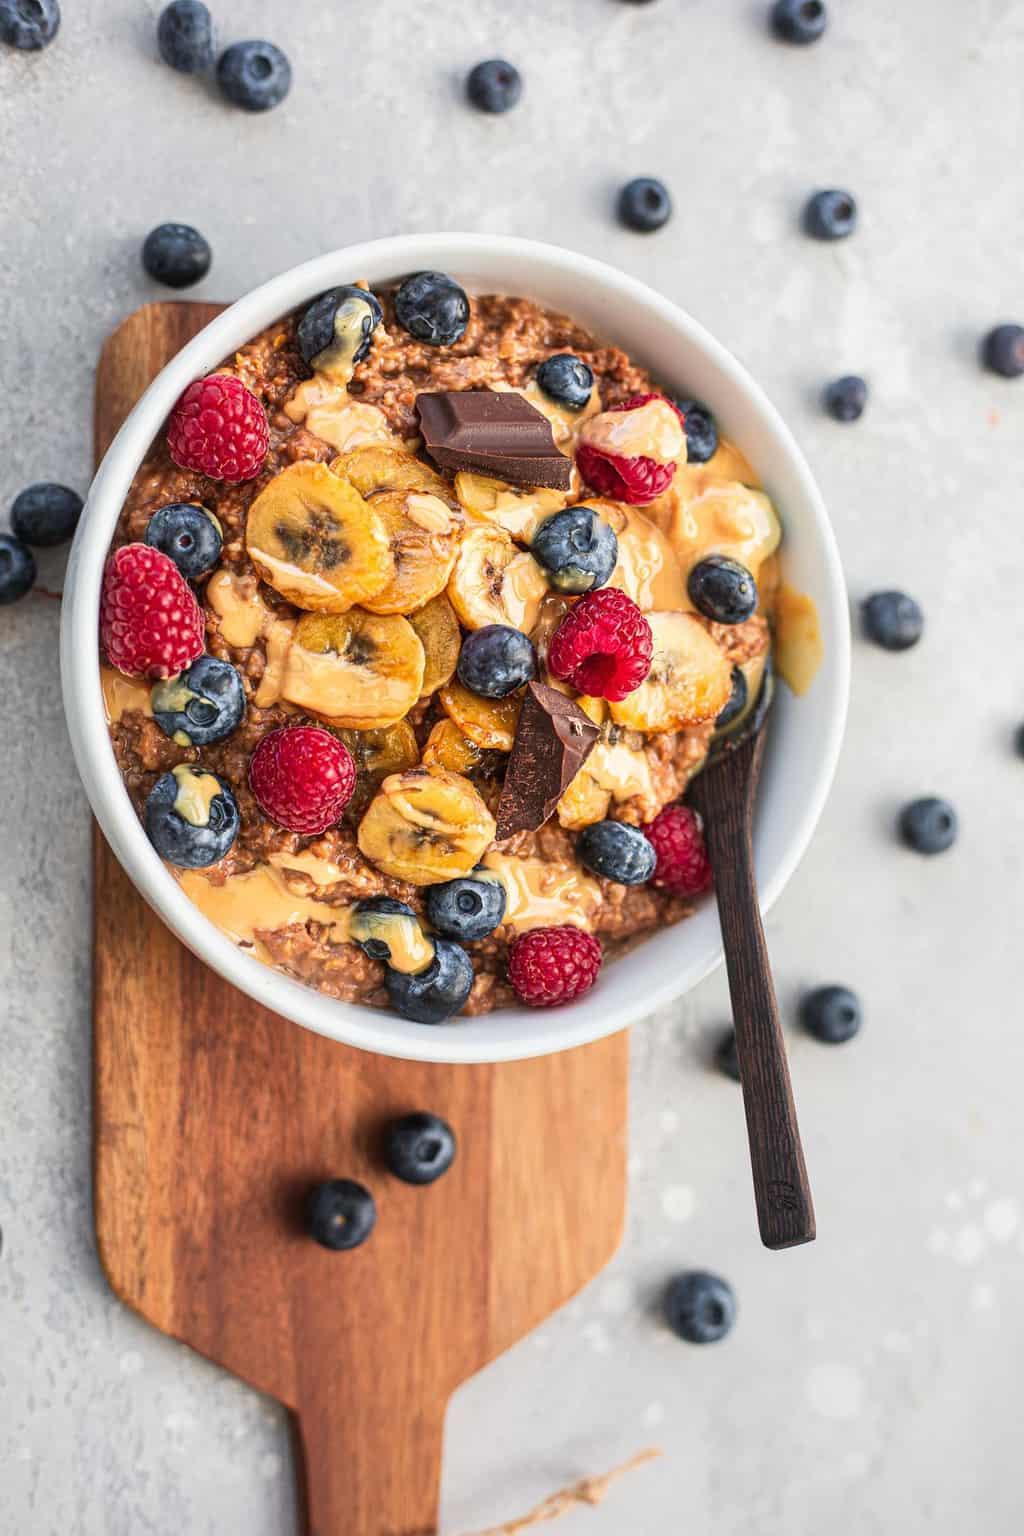 Vegan porridge with banana and berries